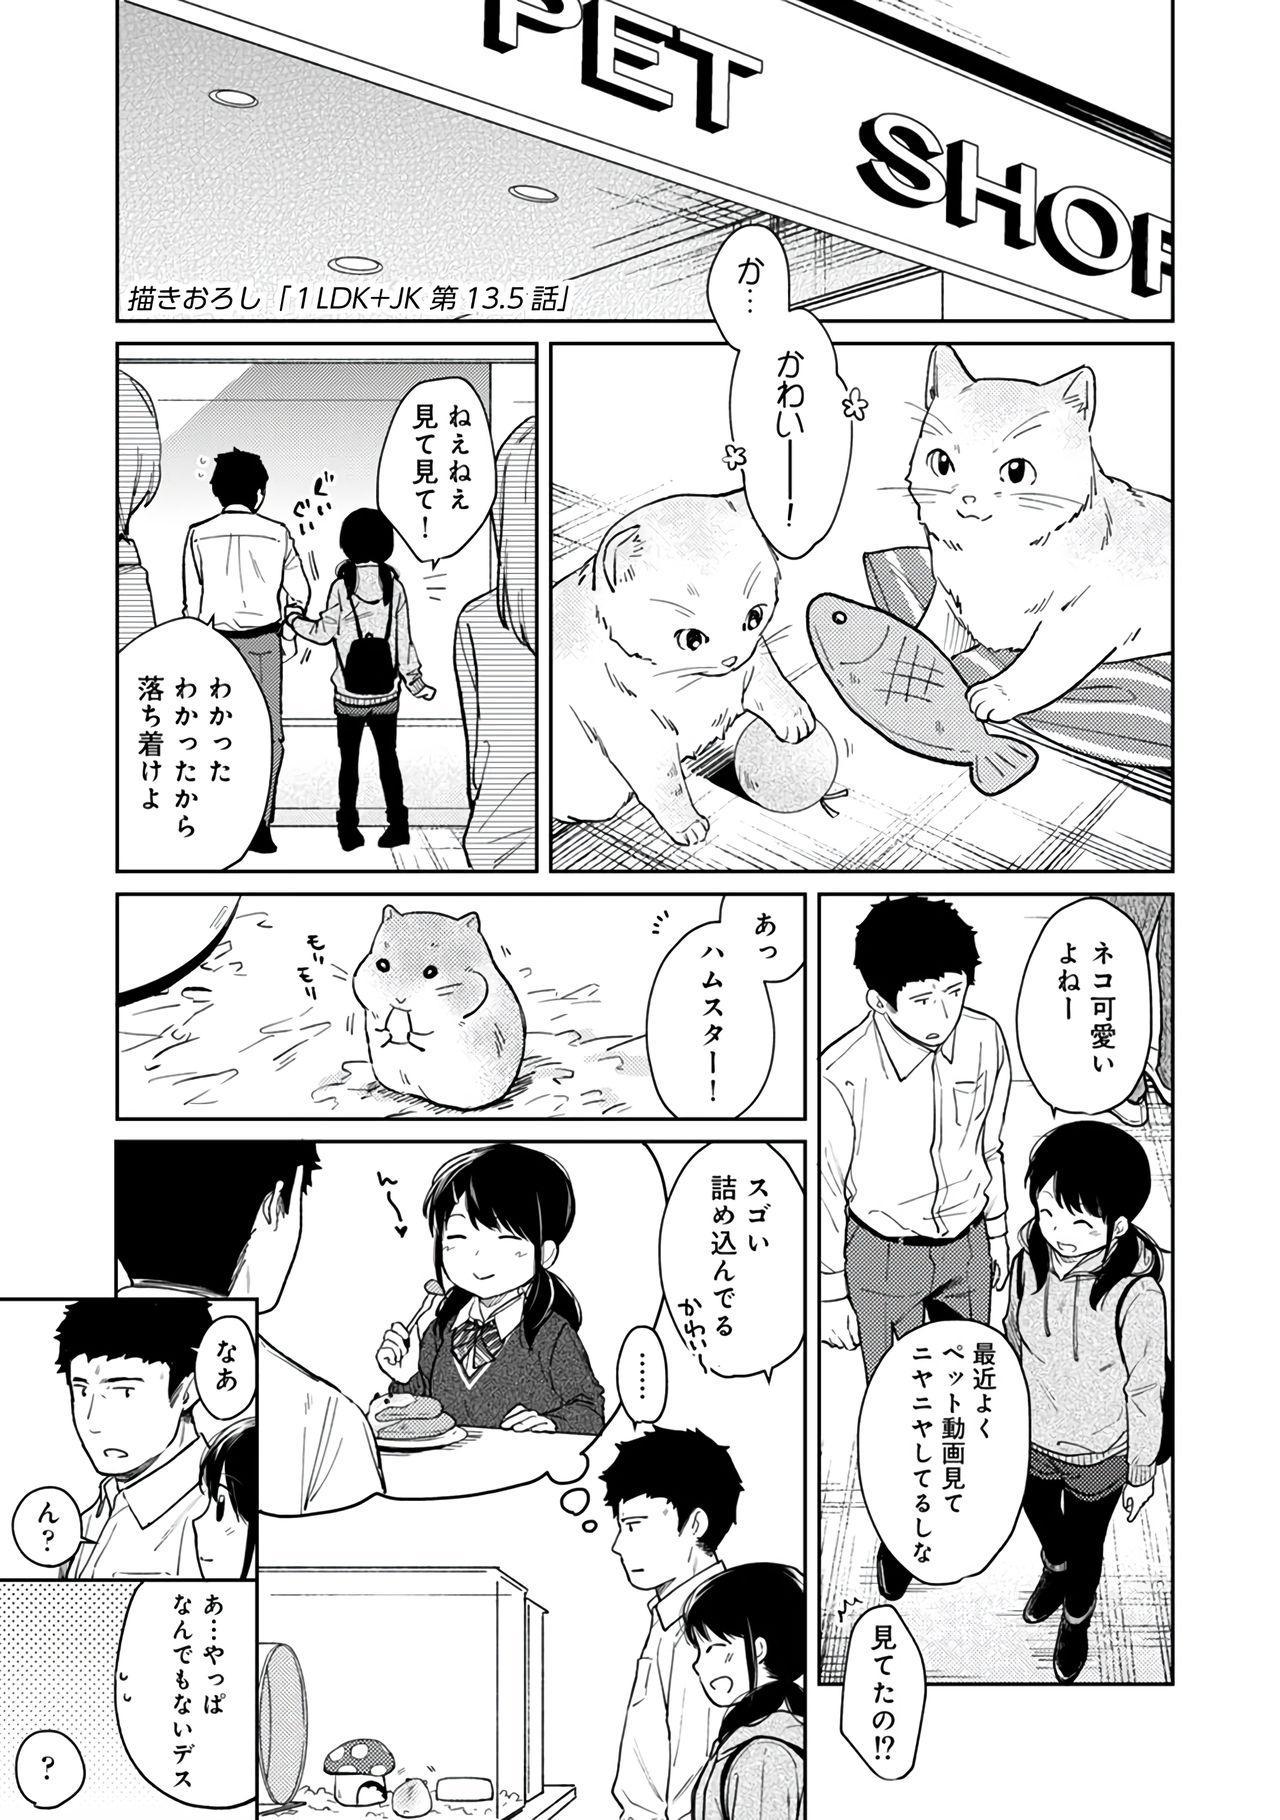 1LDK+JK Ikinari Doukyo? Micchaku!? Hatsu Ecchi!!? Vol.2 168